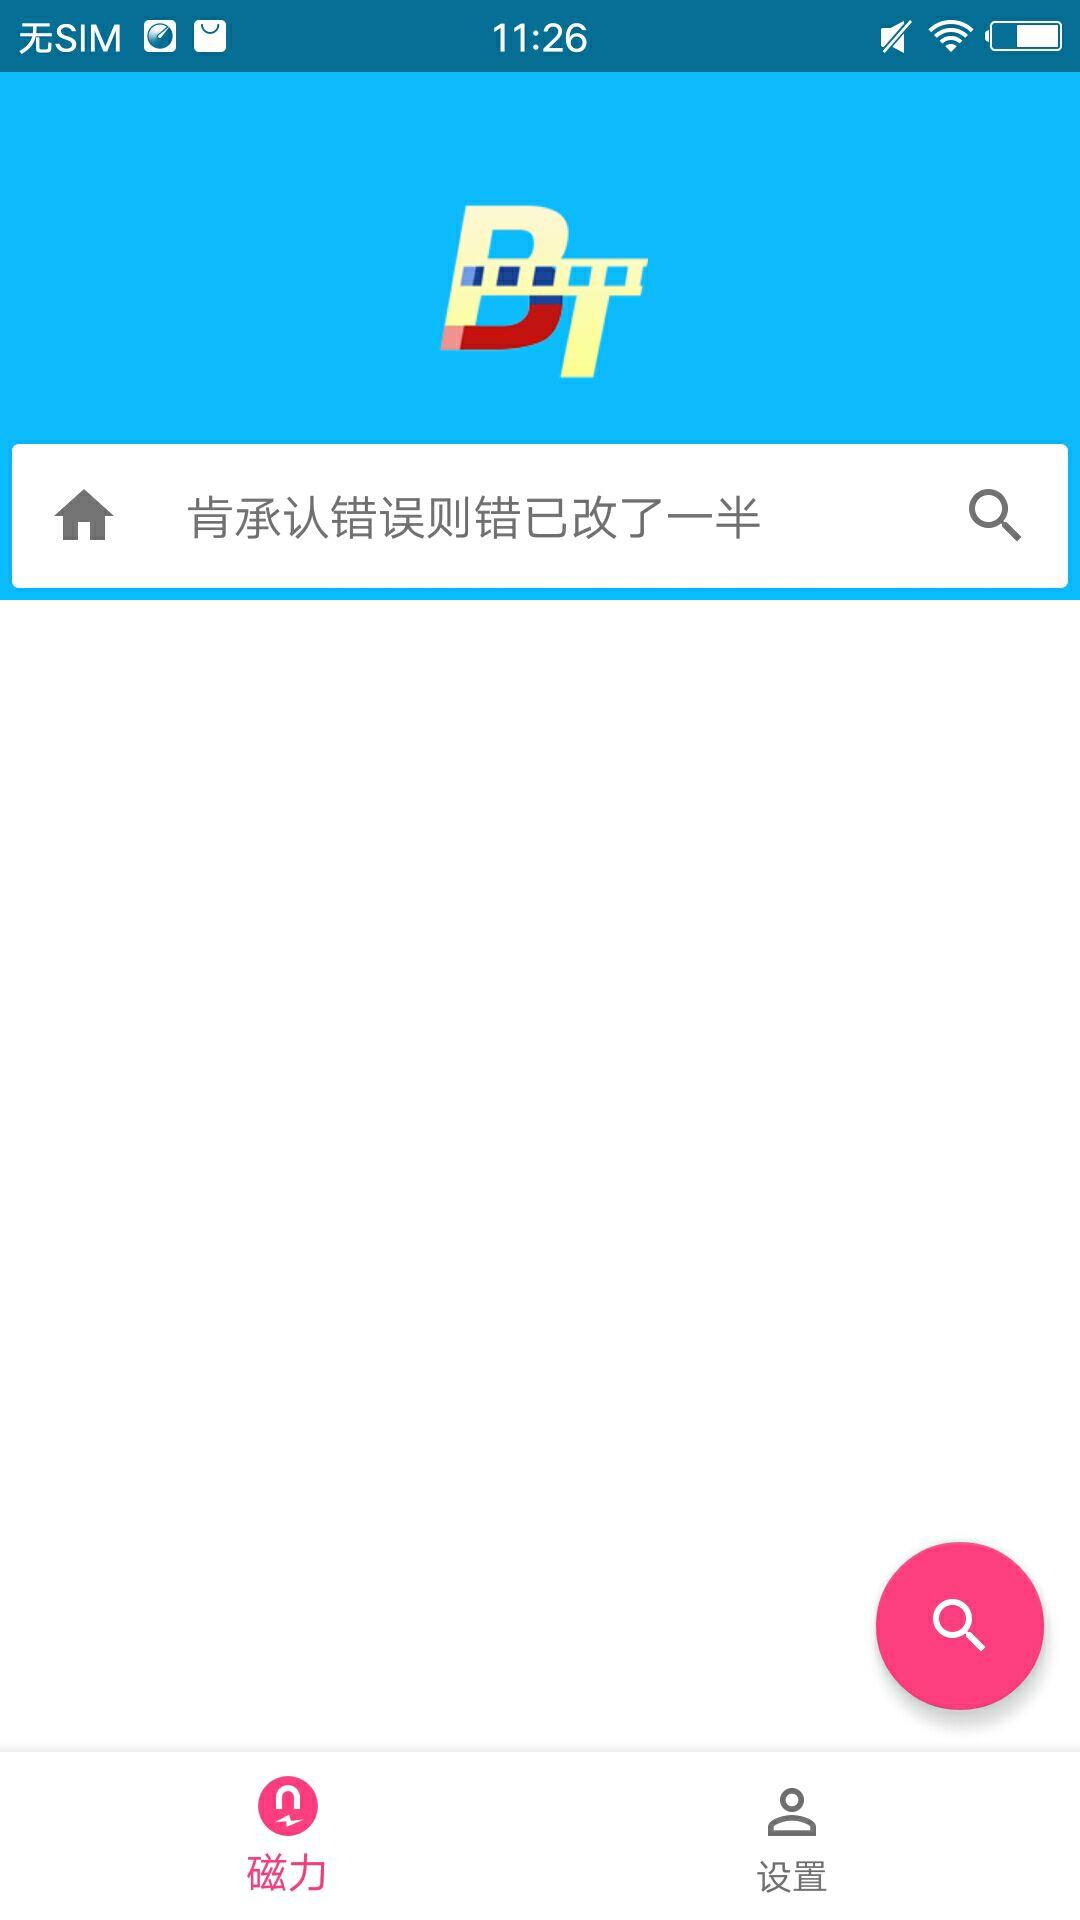 种子搜索浏览器 V5.0 安卓版截图1